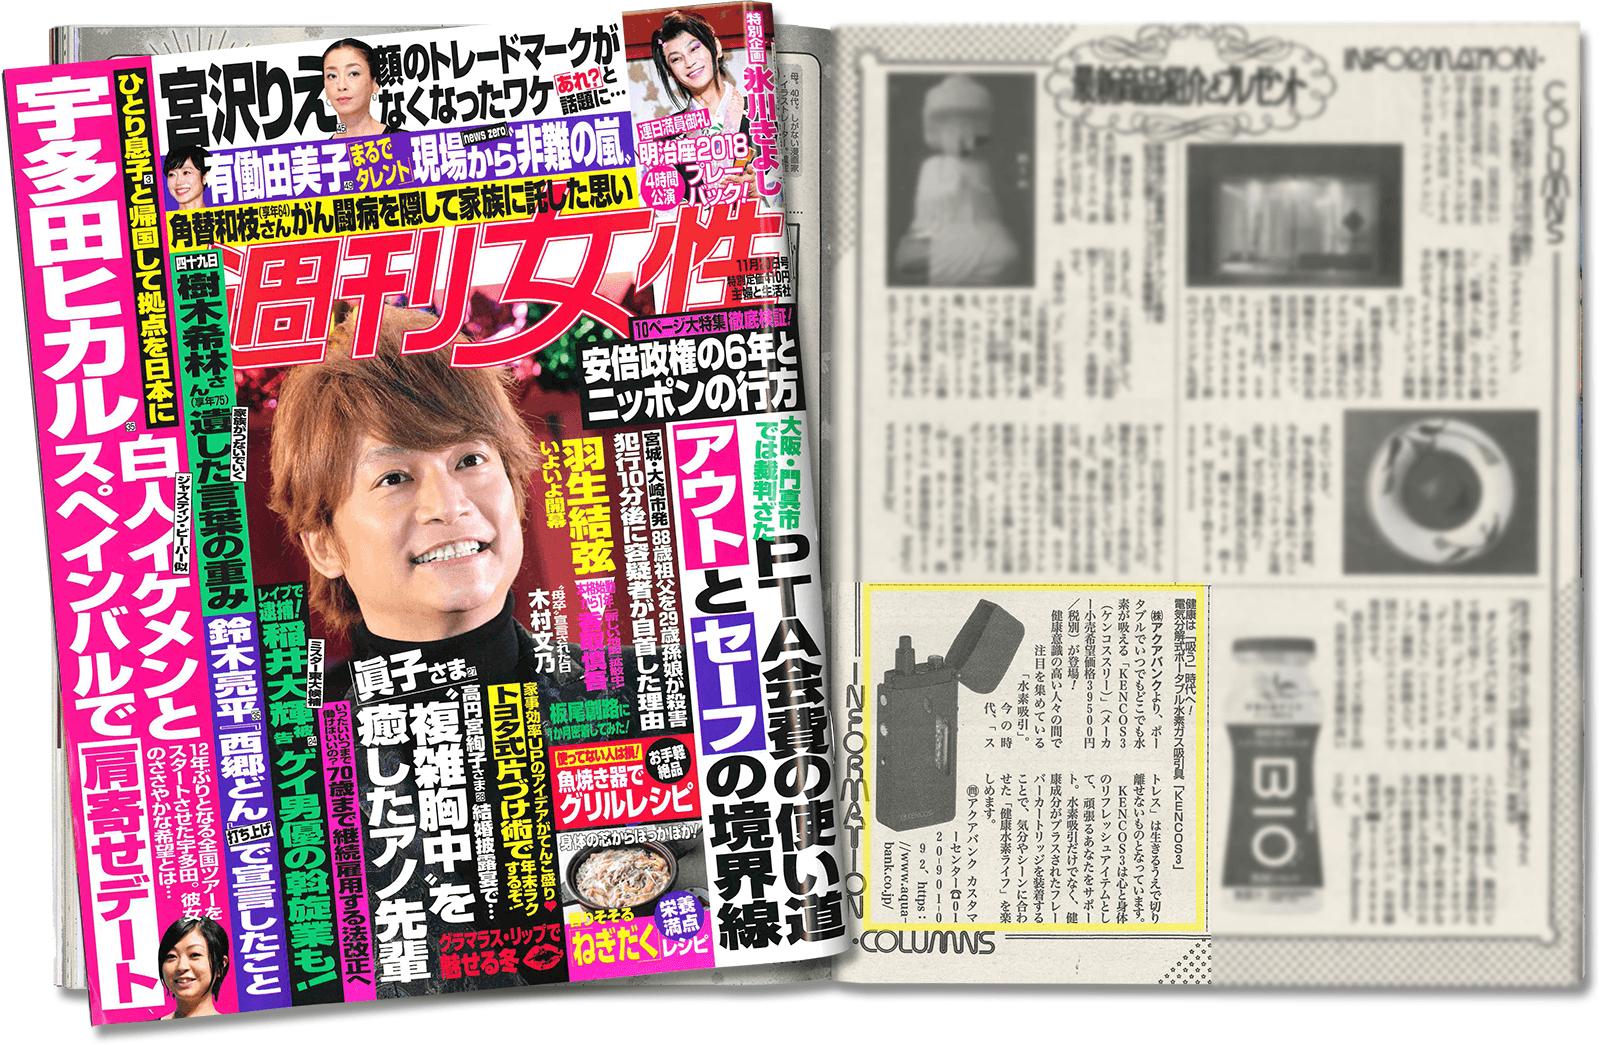 2018年11月6日(火)発売『週刊女性』より抜粋